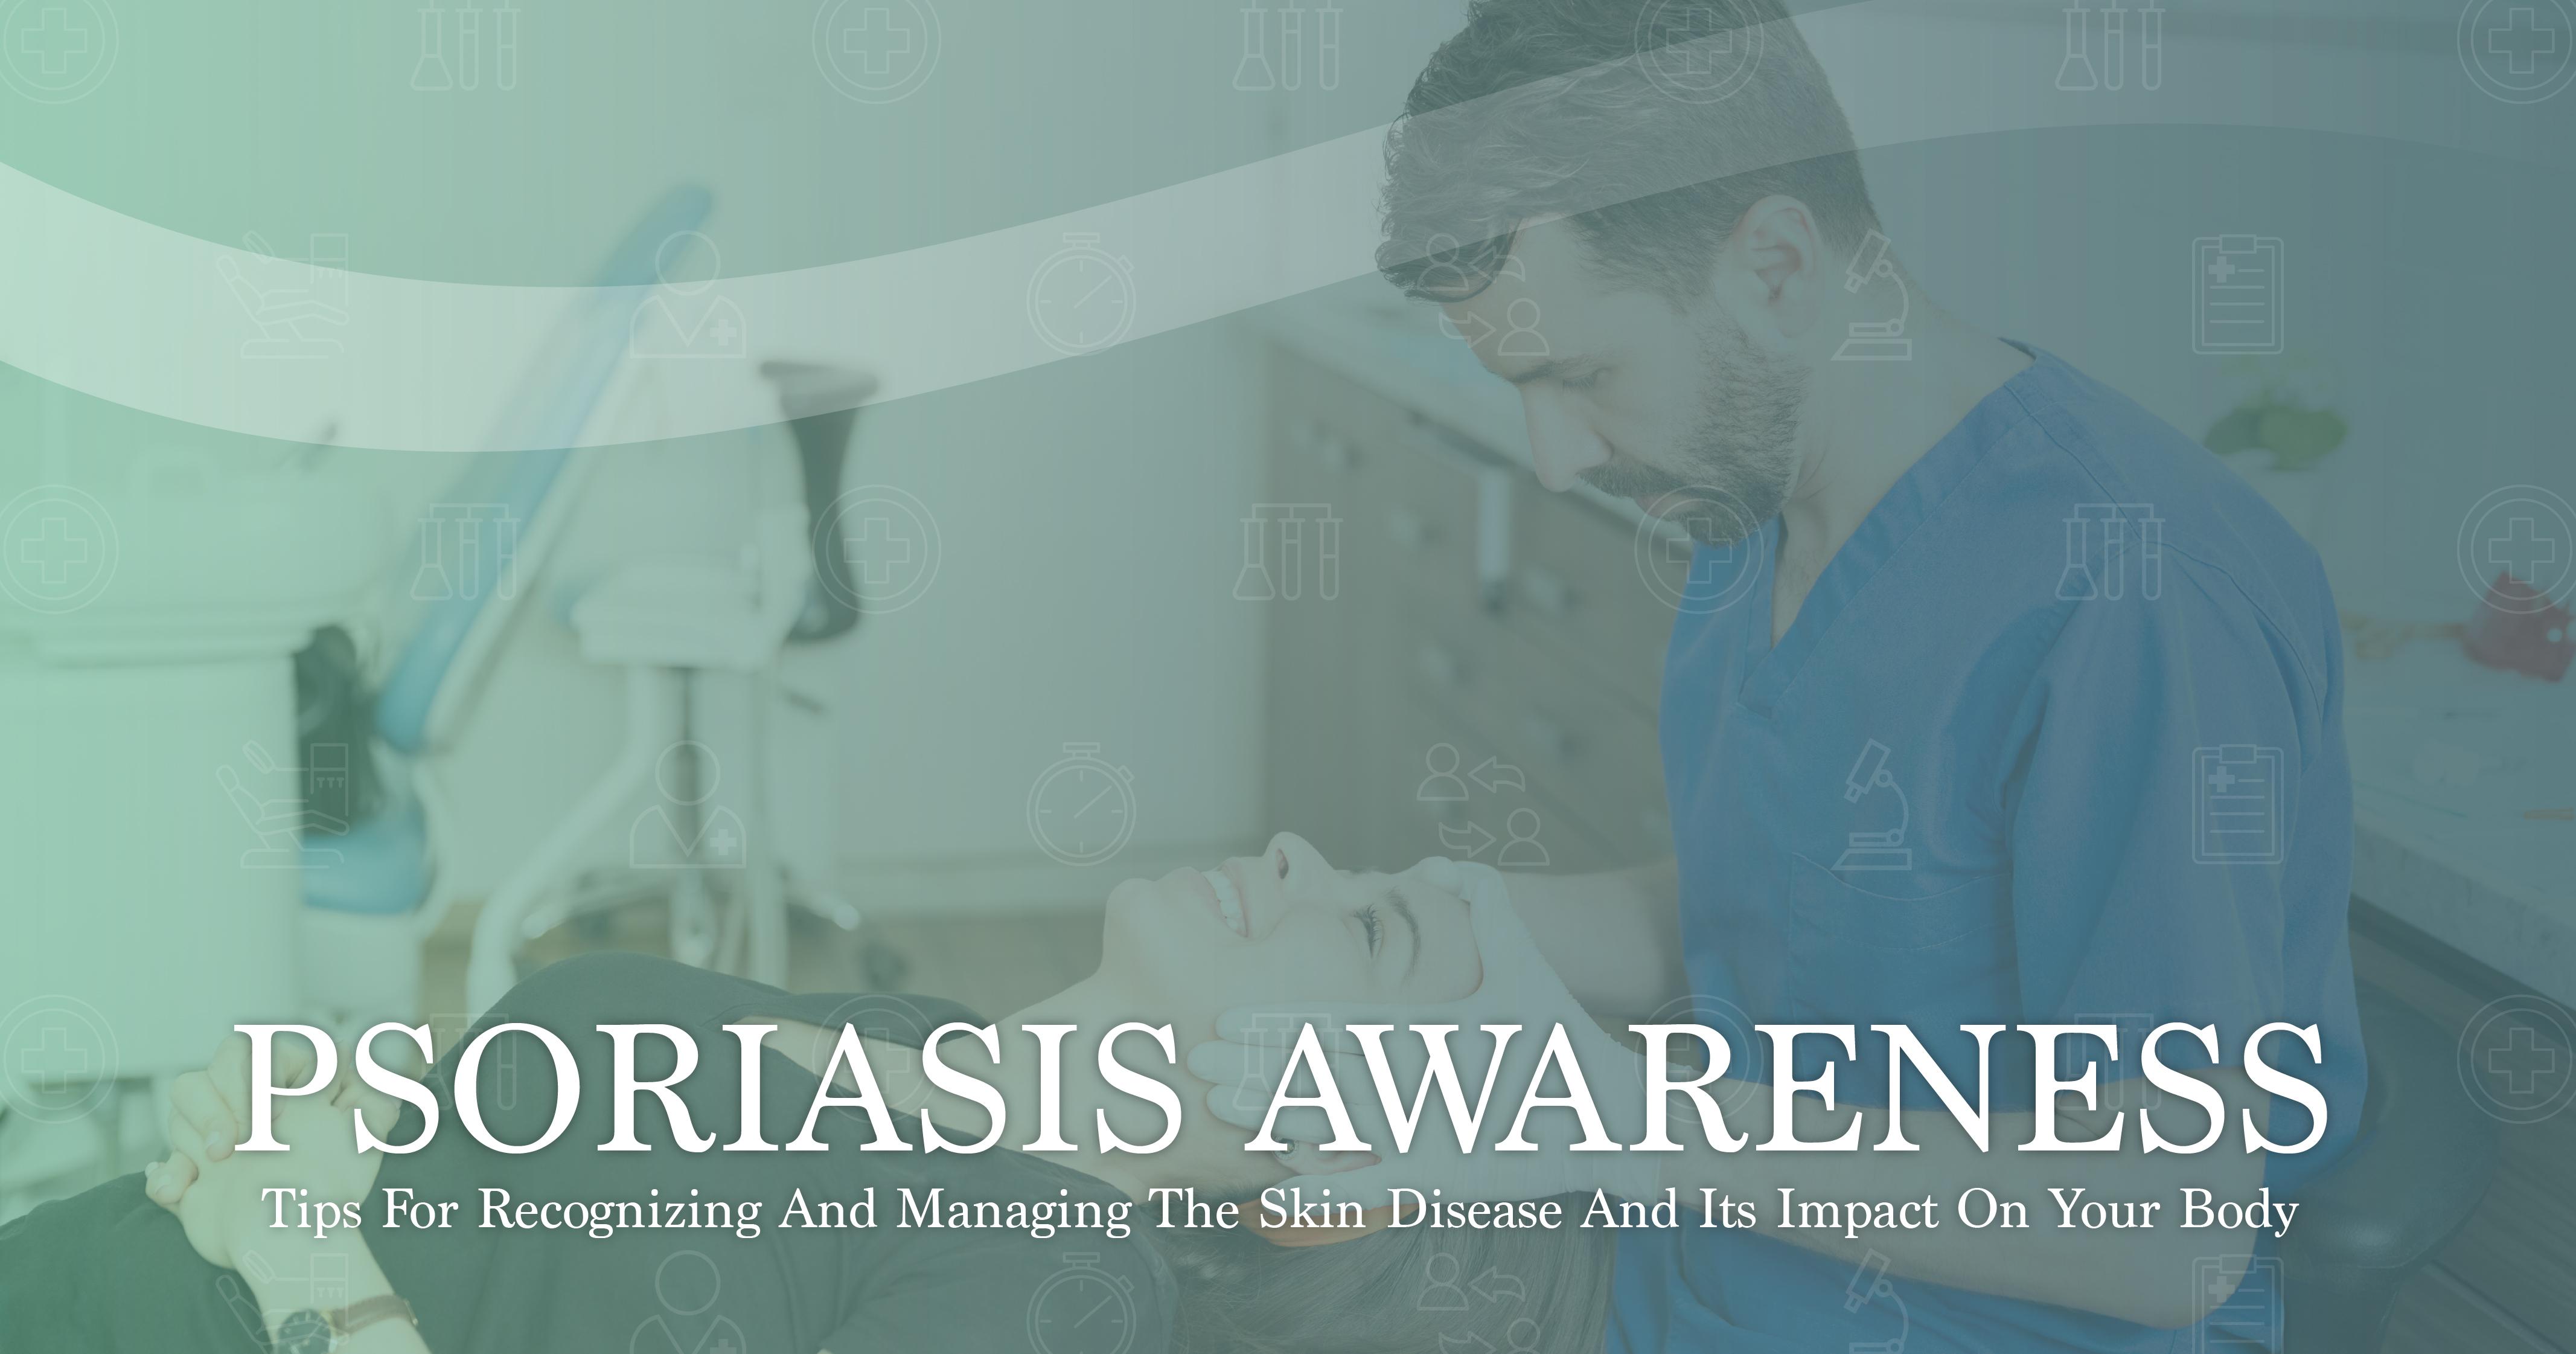 Psoriasis Awareness